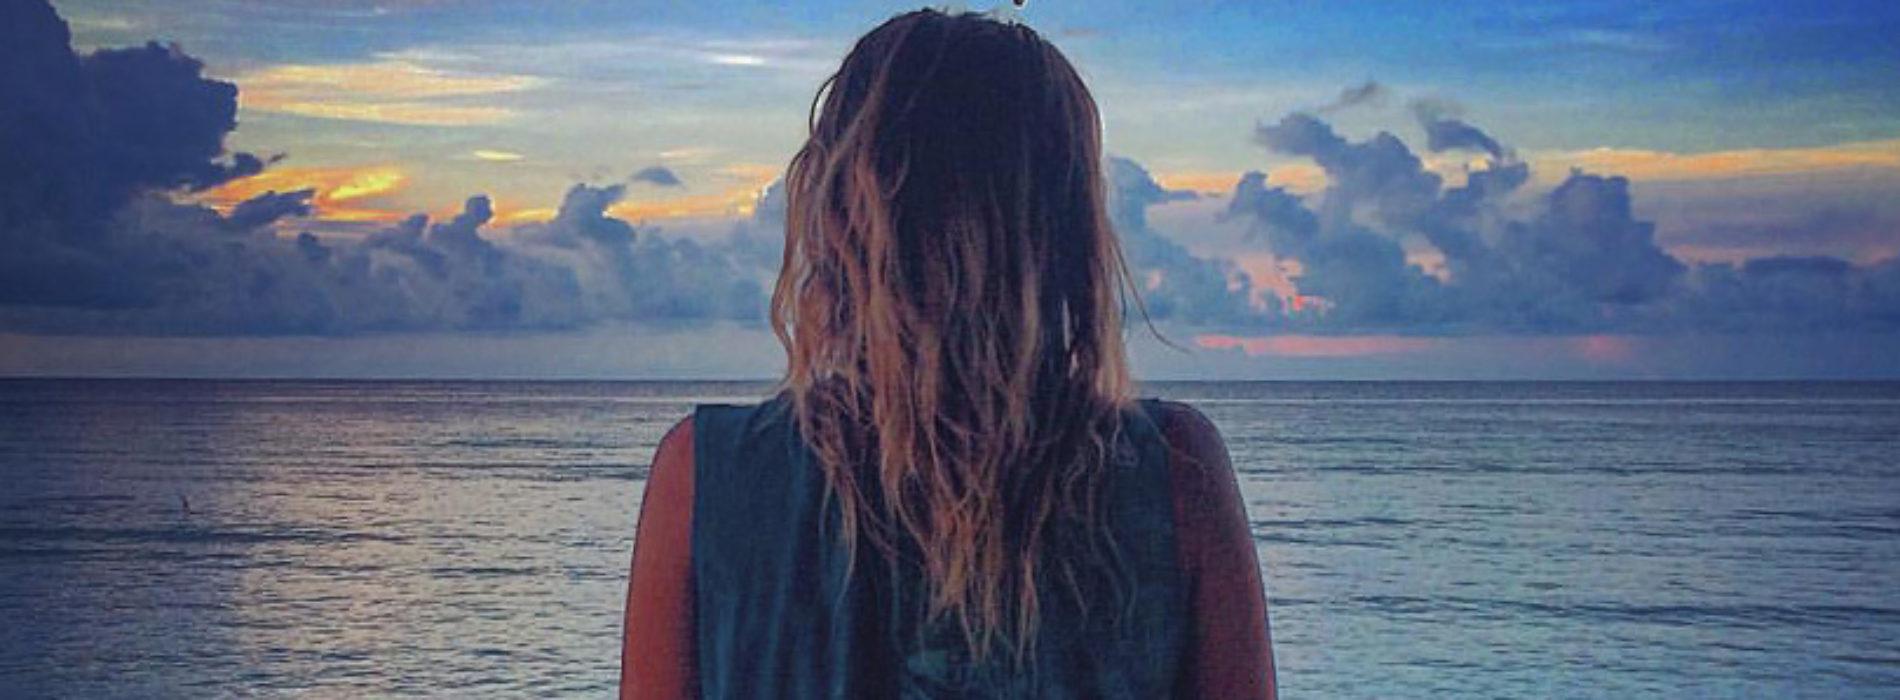 Bali : 5 choses à savoir pour une première visite